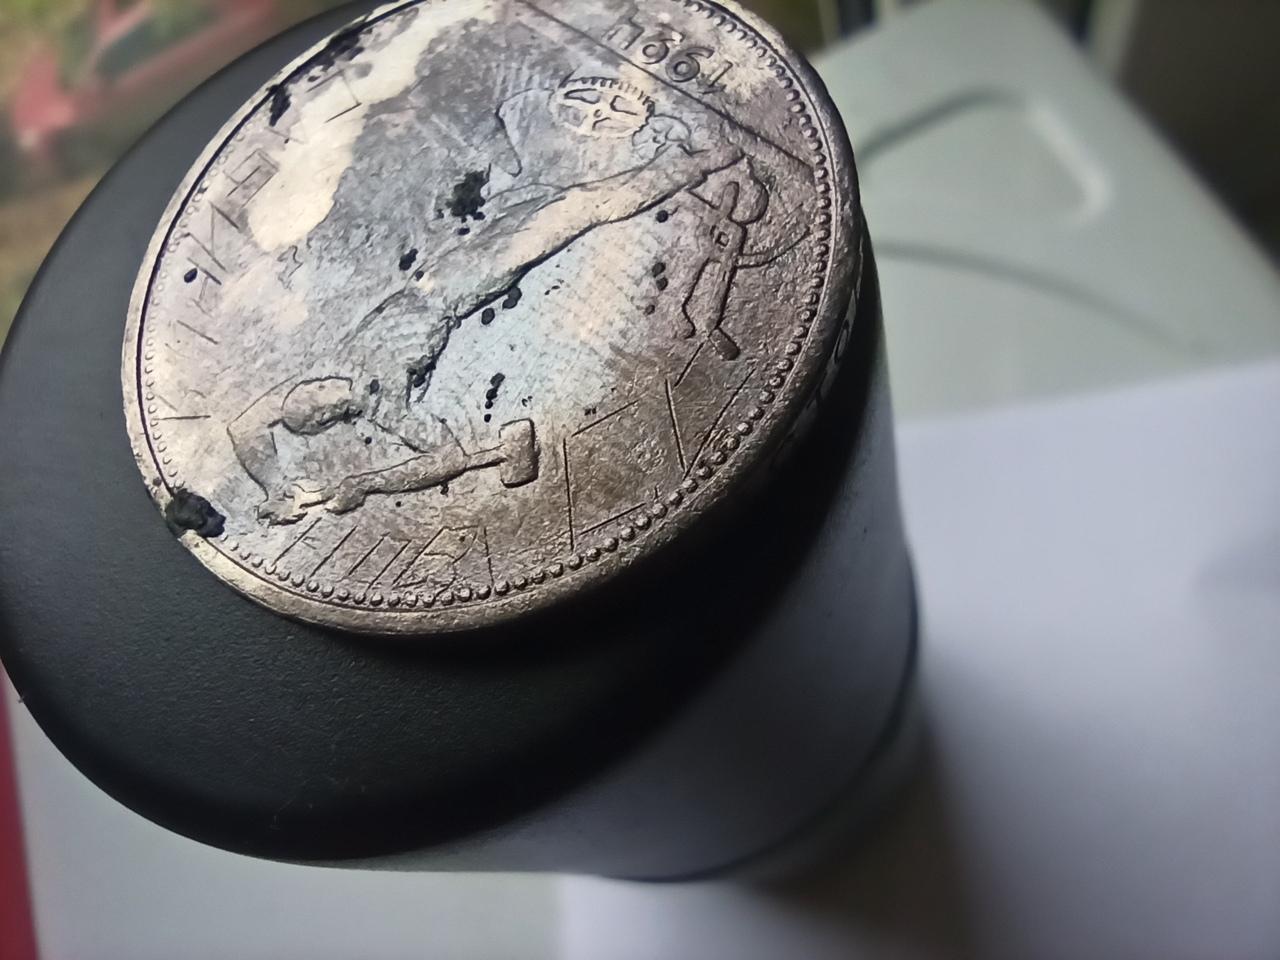 Поисковики нашли в Тверской области подписанную монету 1924 года